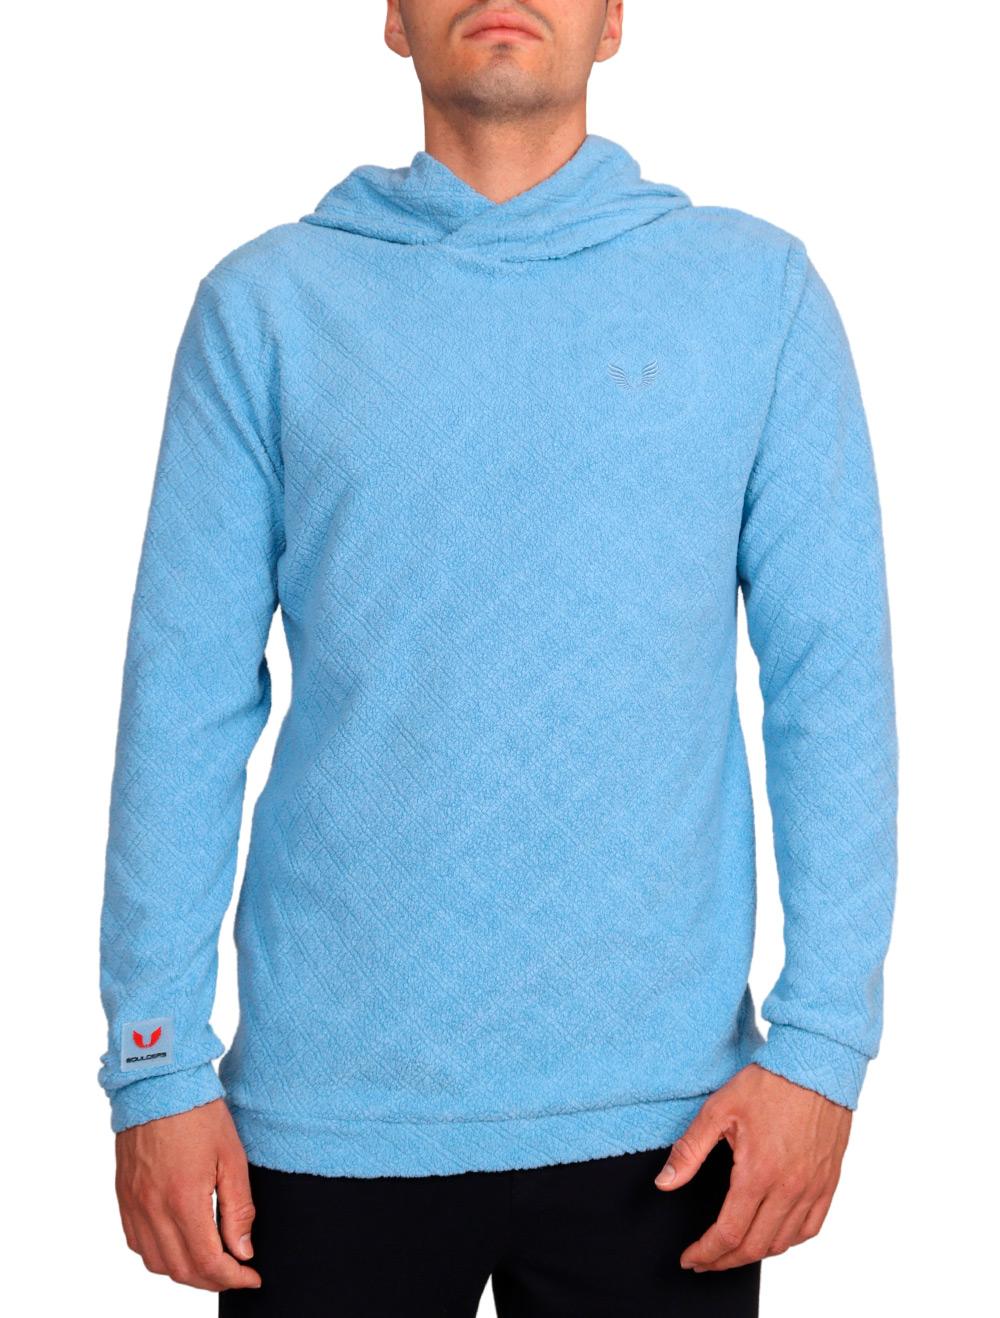 Blusa de Malha Masculina Peluciada com Capuz Azul Claro